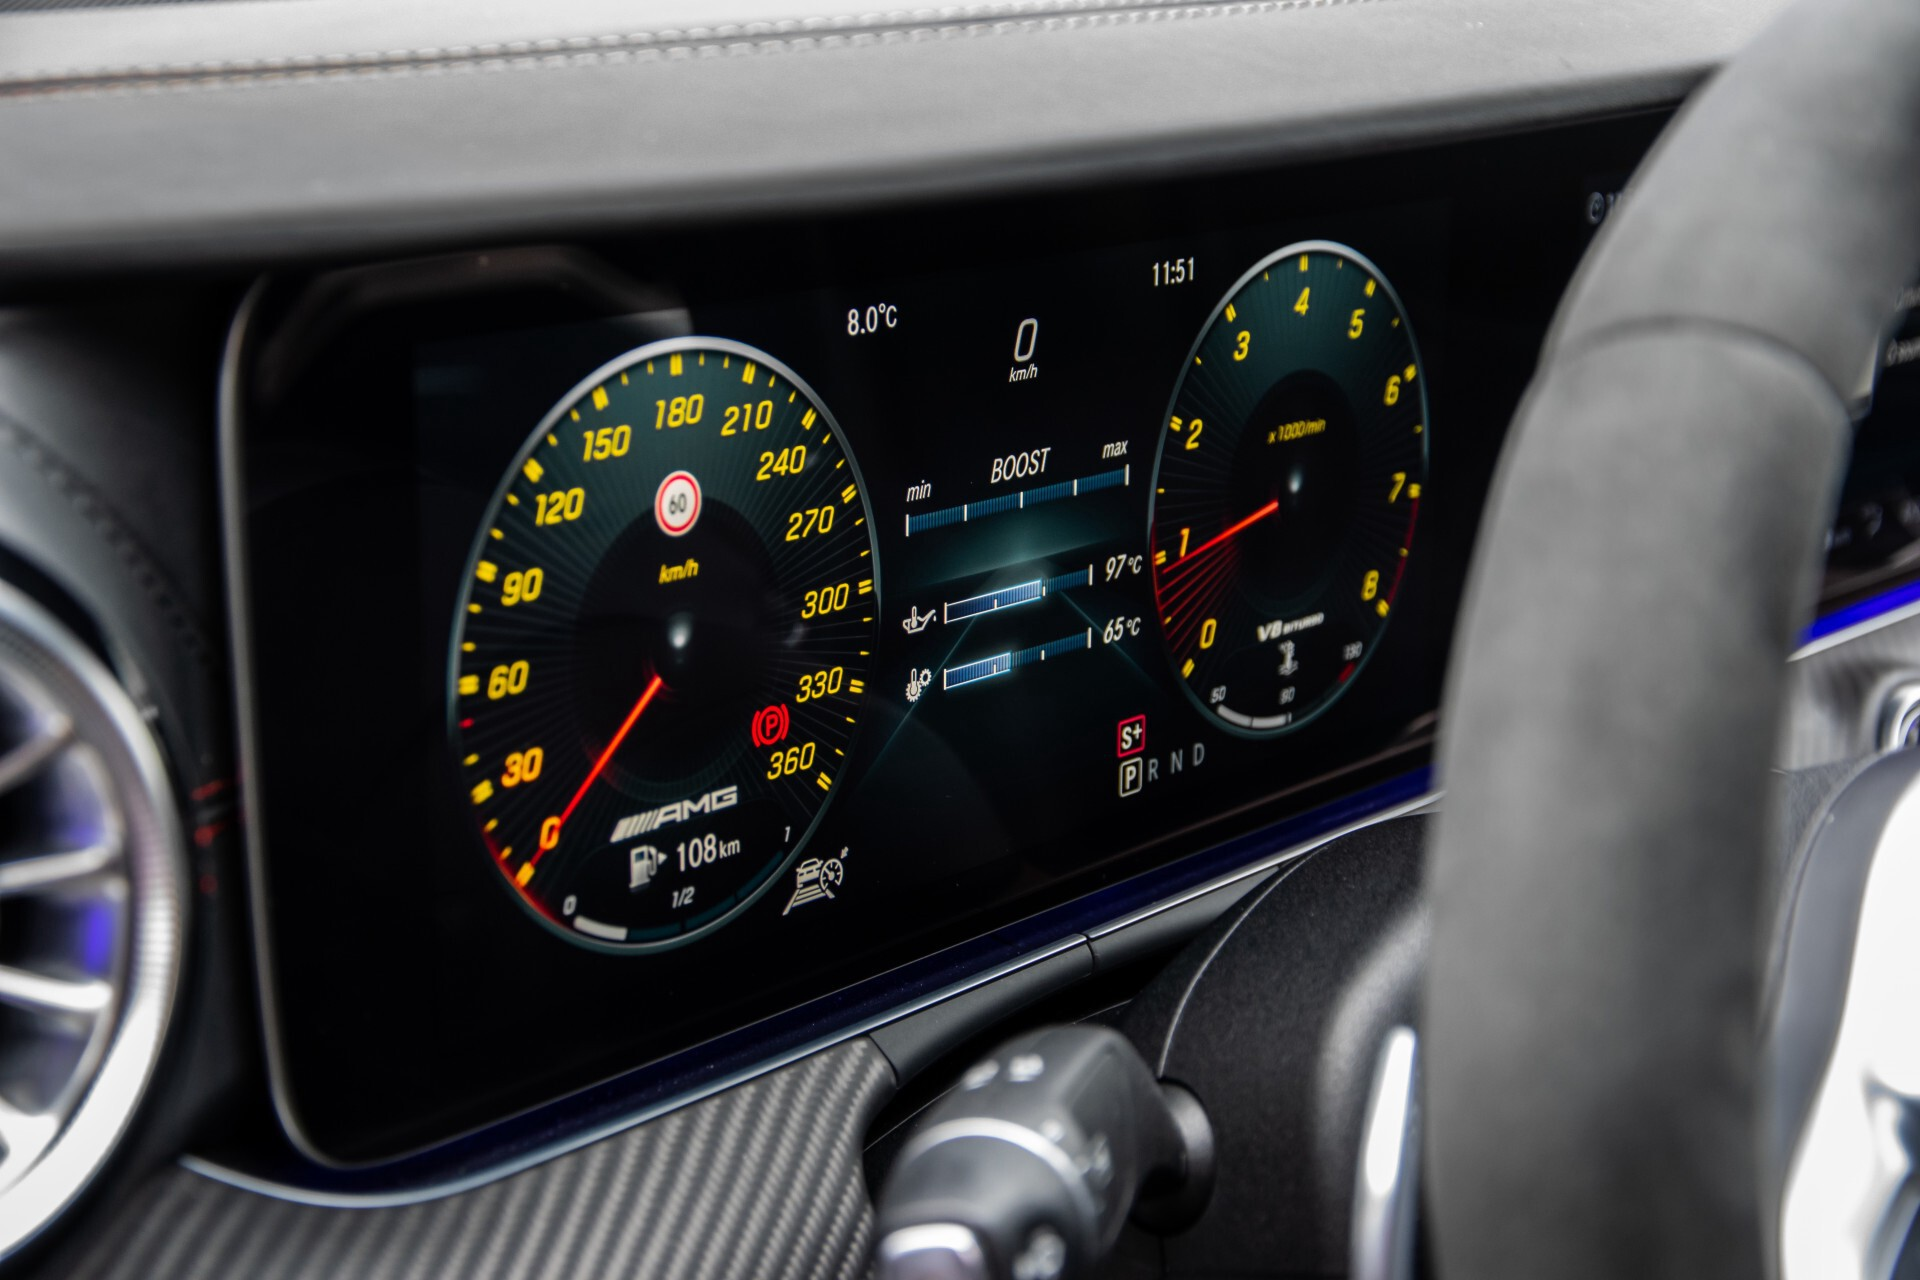 Mercedes-Benz AMG GT 4-Door Coupe 63 S 4M+ Keramisch/Full Carbon/Aerodynamica/Burmester 3D/TV/Performance stoelen/Standkachel Aut9 Foto 38